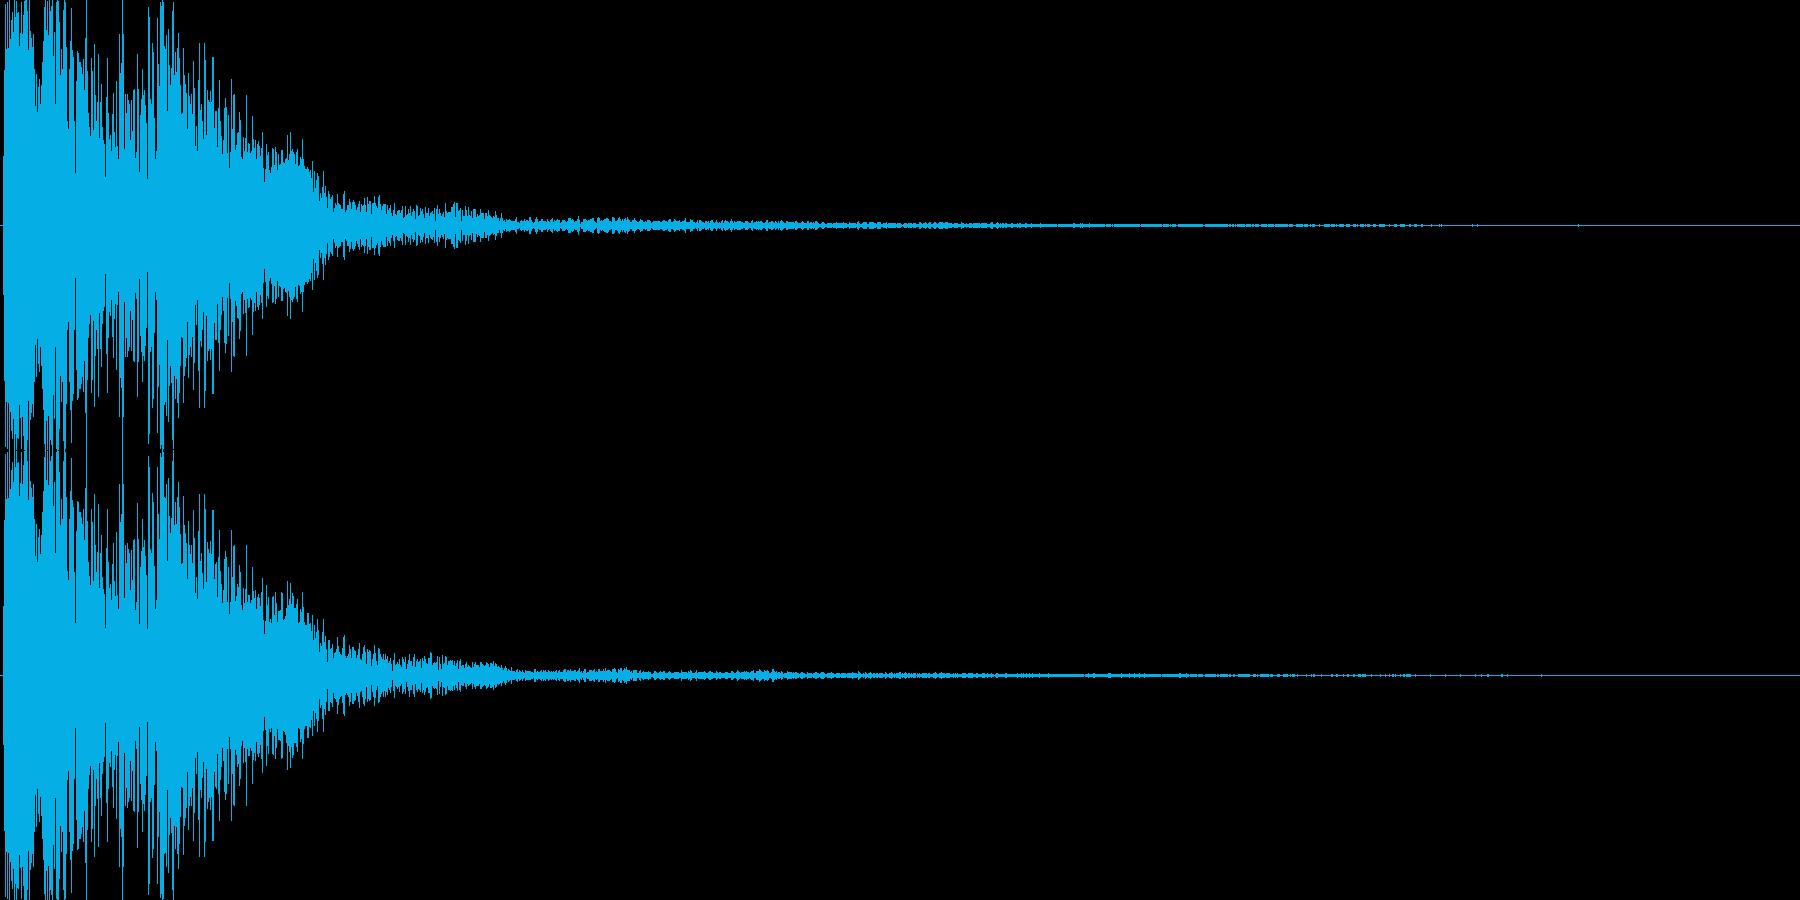 ピコ(ゲーム、アプリなどの操作音04)の再生済みの波形